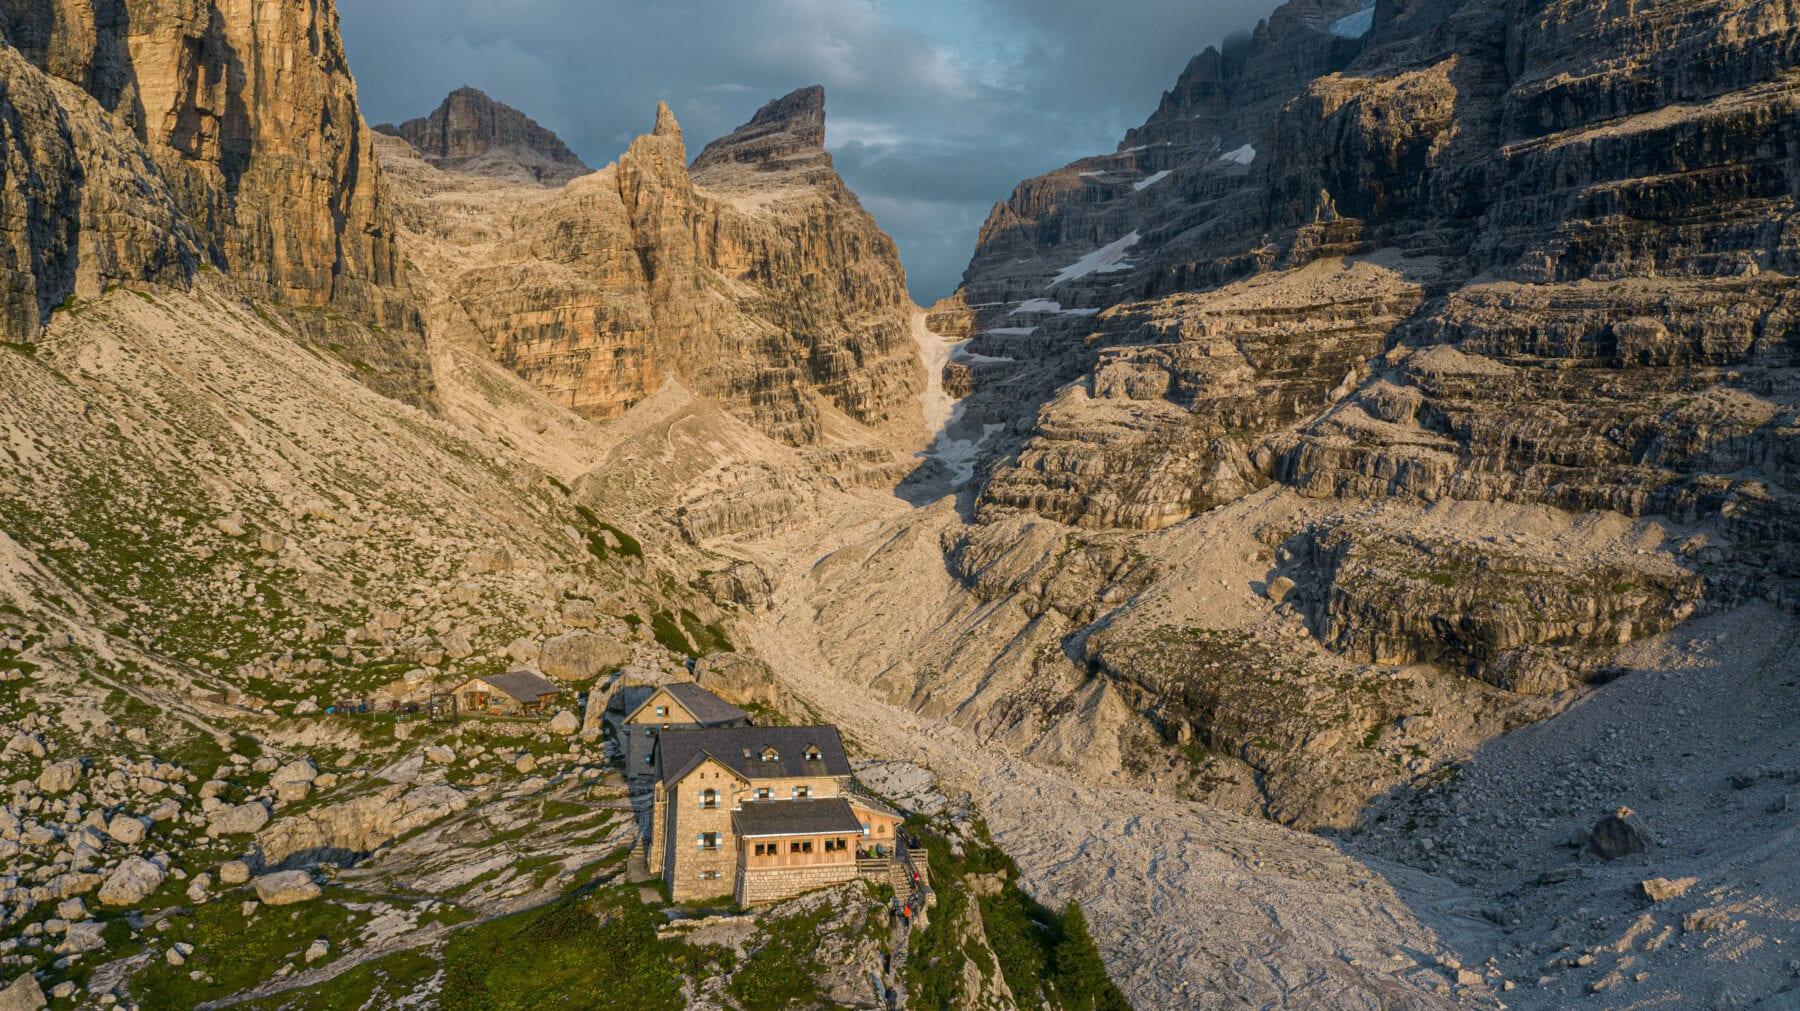 berghutten Trentino Corona rifugio